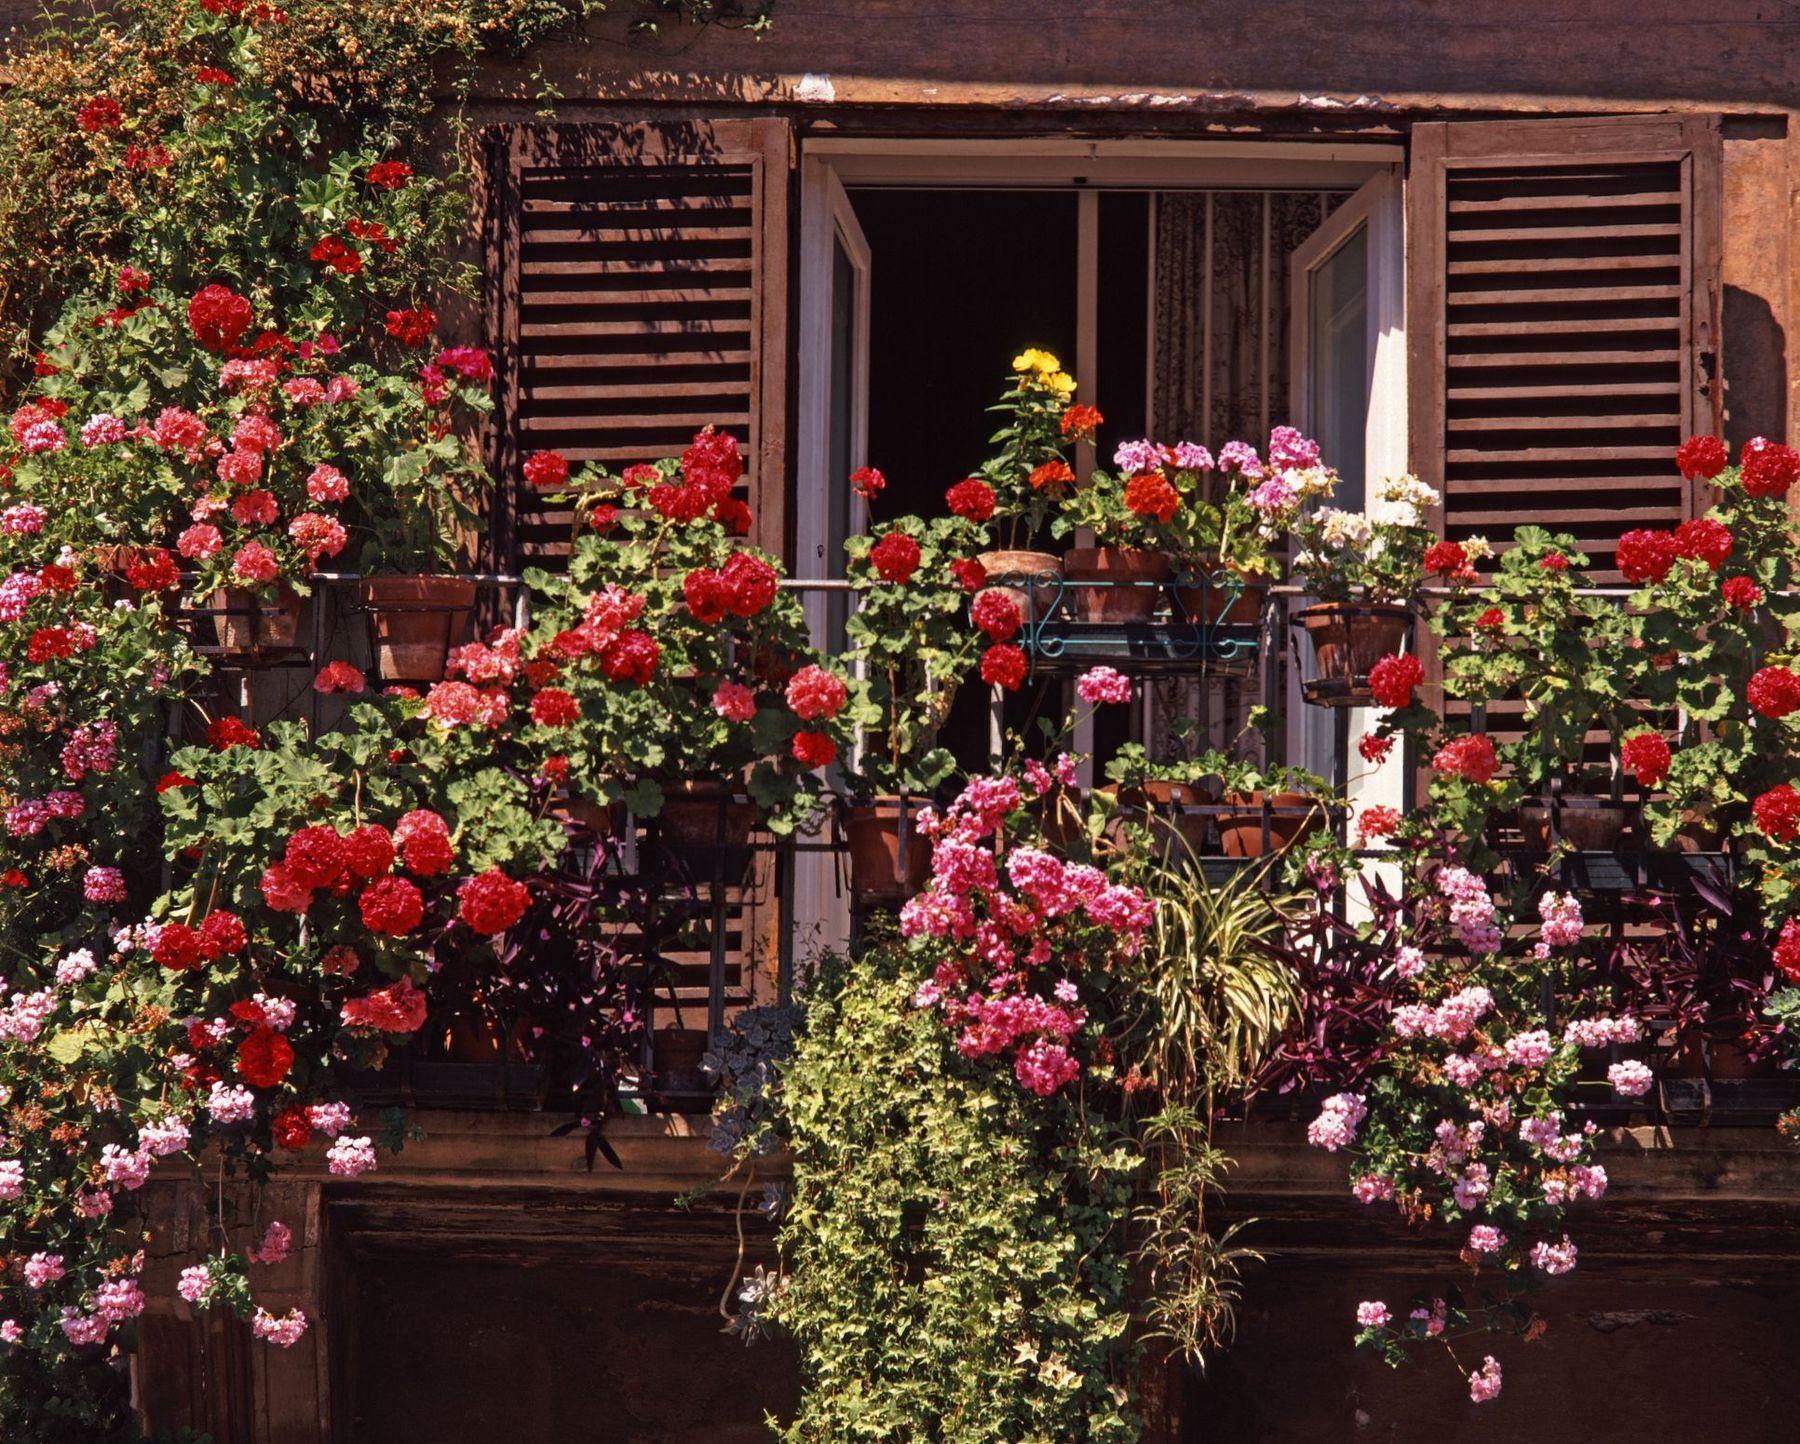 Trồng hoa hồng, cây cảnh trang trí ban công